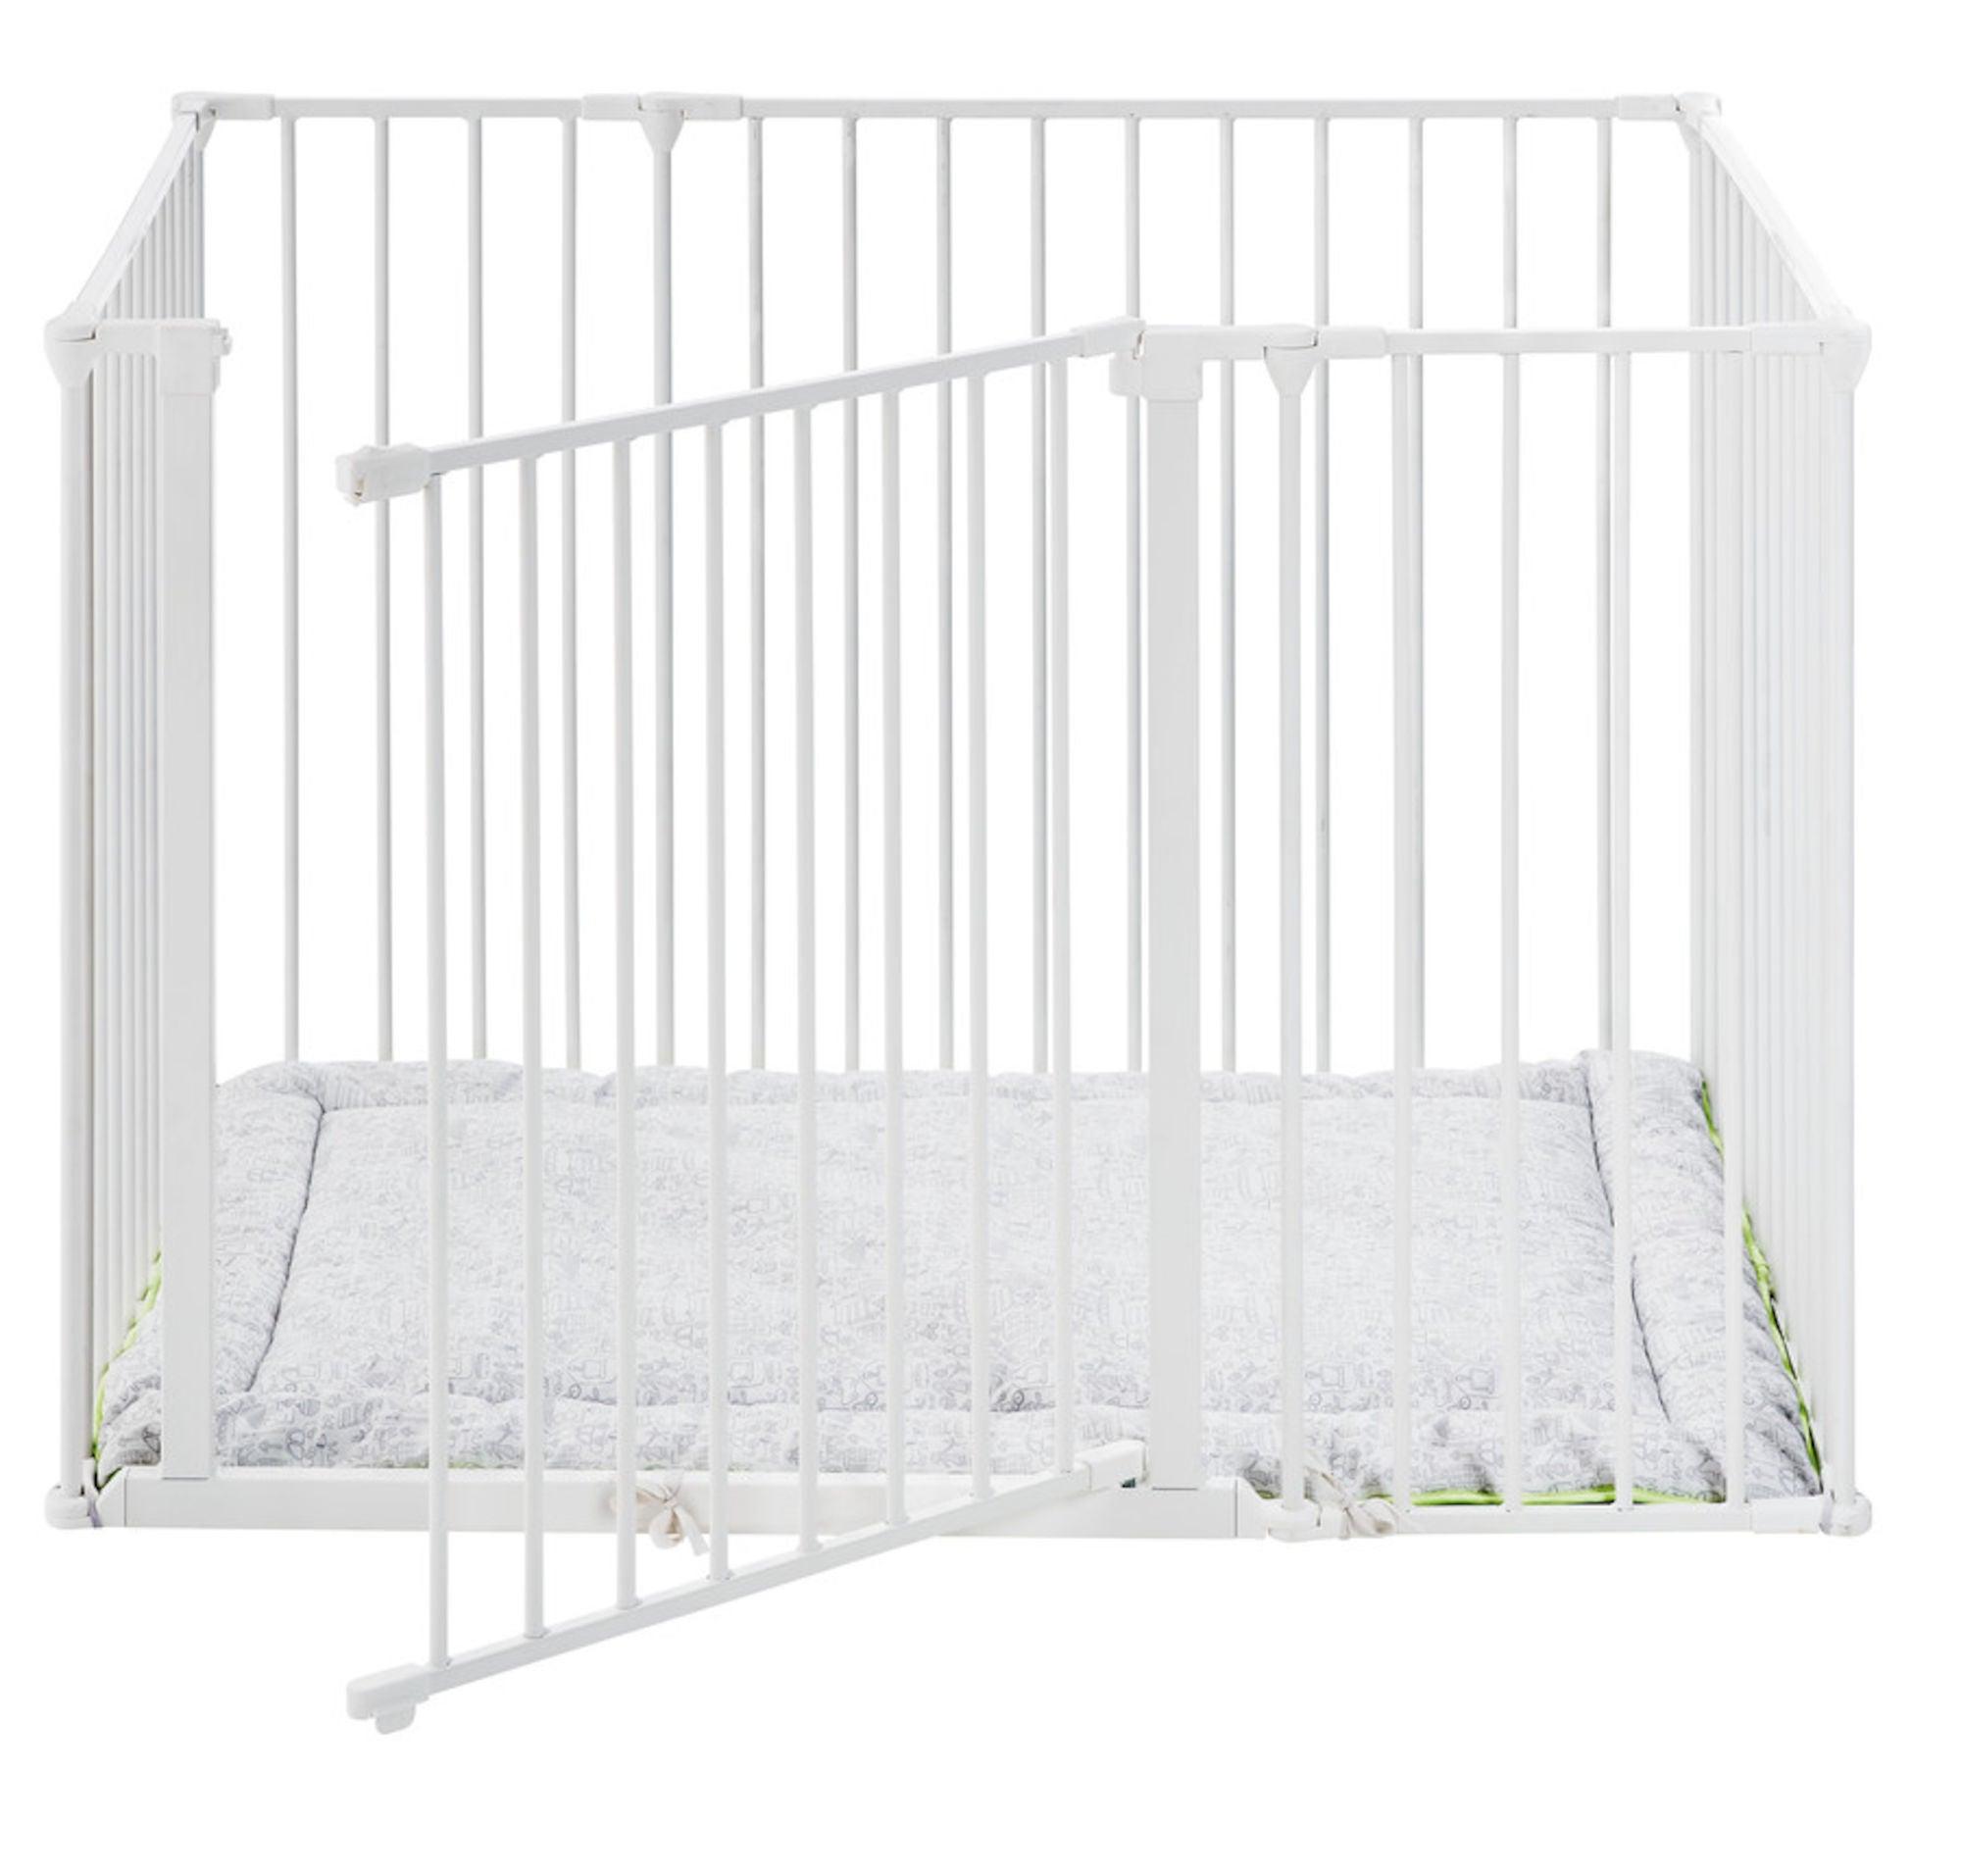 BabyDan Square Leikkikehä 105x72x71 cm, Valkoinen